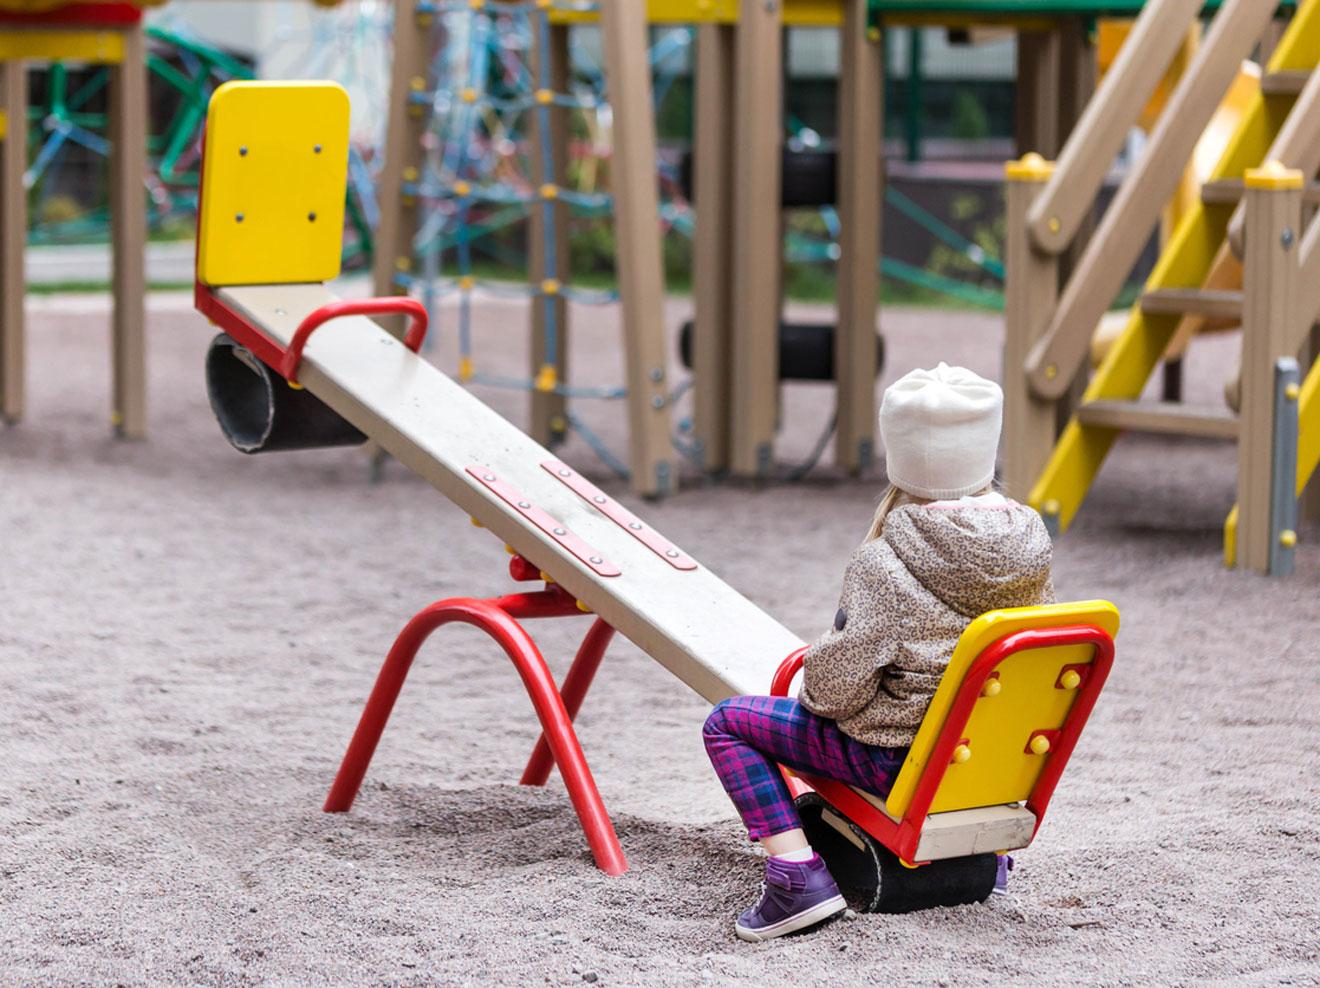 Mein Kind Hat Keine Freunde: Was Kann Ich Tun? | Wunderweib verwandt mit Mein Kind Hat Keine Freunde In Der Schule